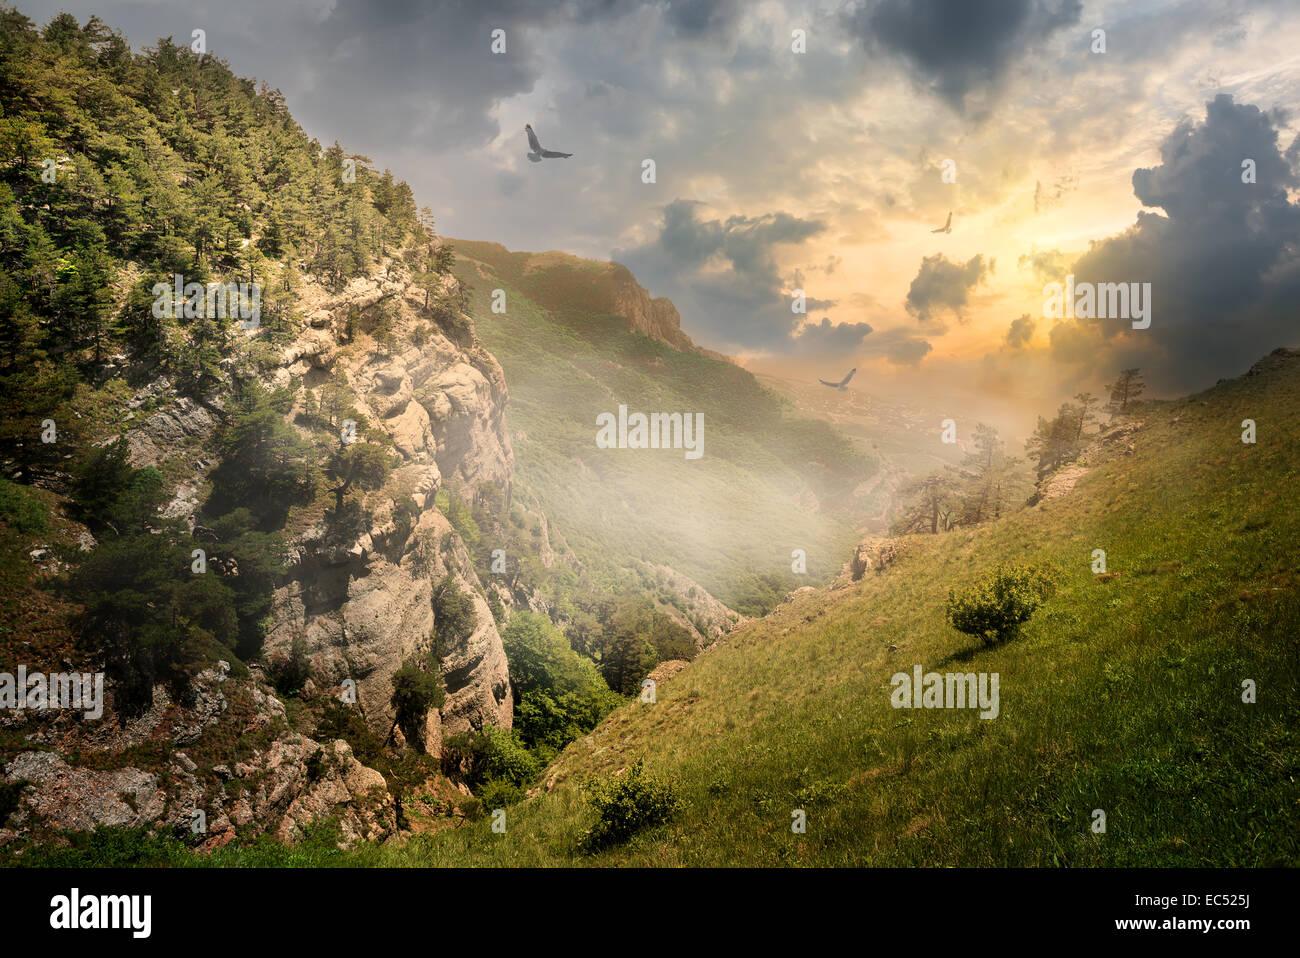 Las aves sobre las rocas y la niebla en el amanecer Imagen De Stock